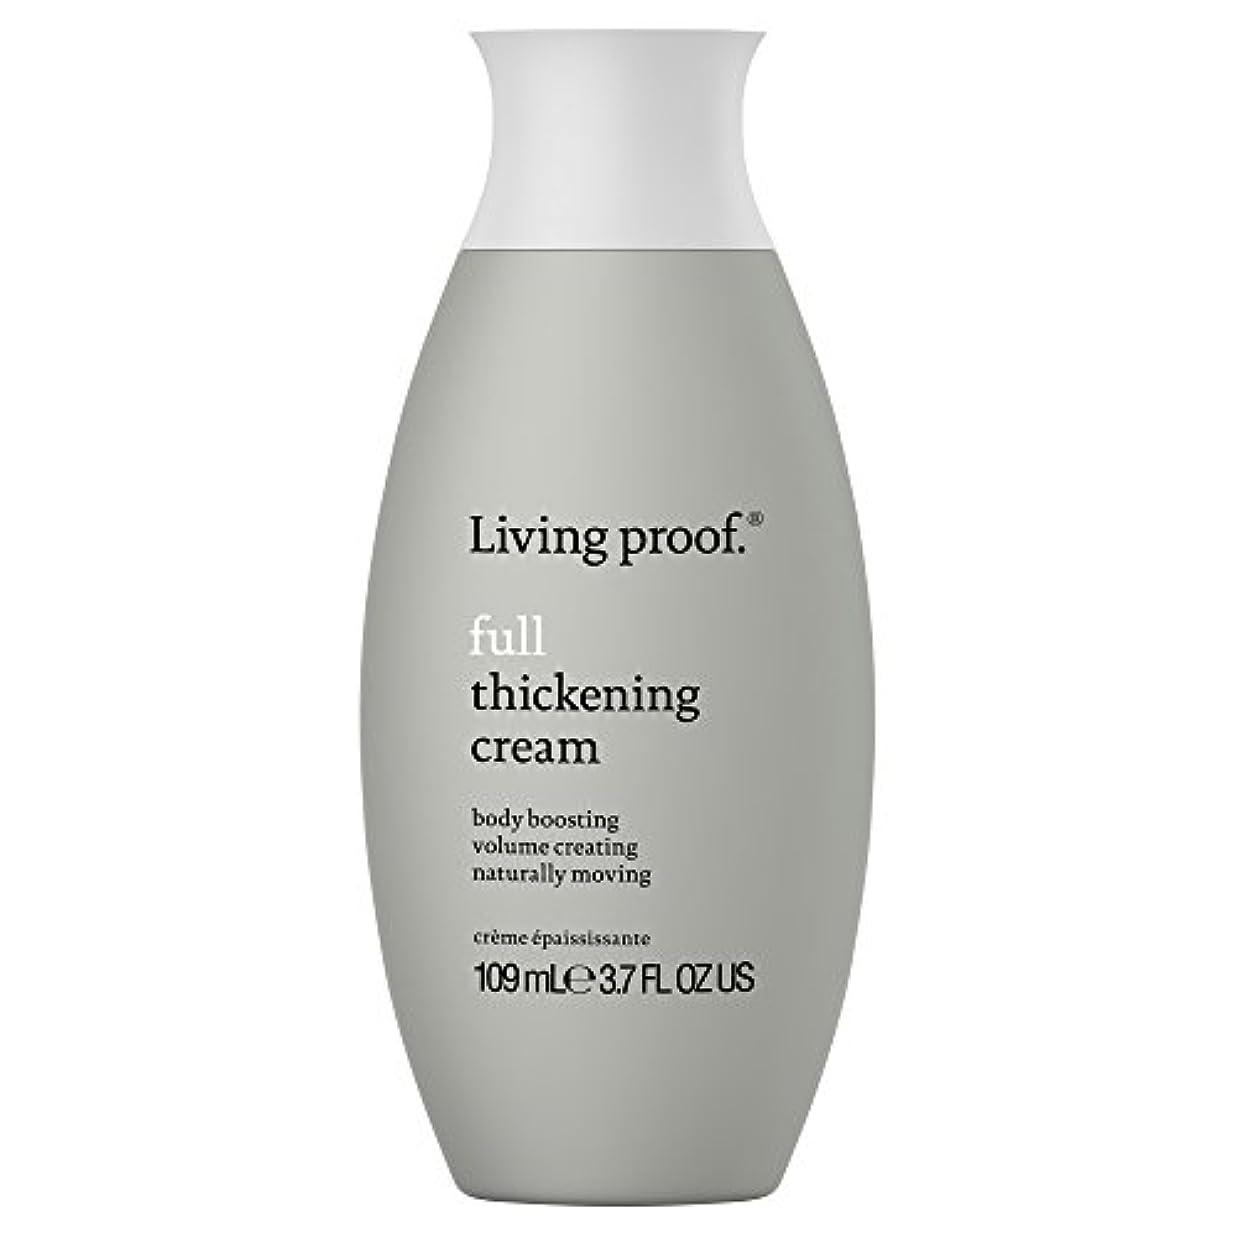 中止しますブレーク廊下生きている証拠フル肥厚クリーム109ミリリットル (Living Proof) (x2) - Living Proof Full Thickening Cream 109ml (Pack of 2) [並行輸入品]